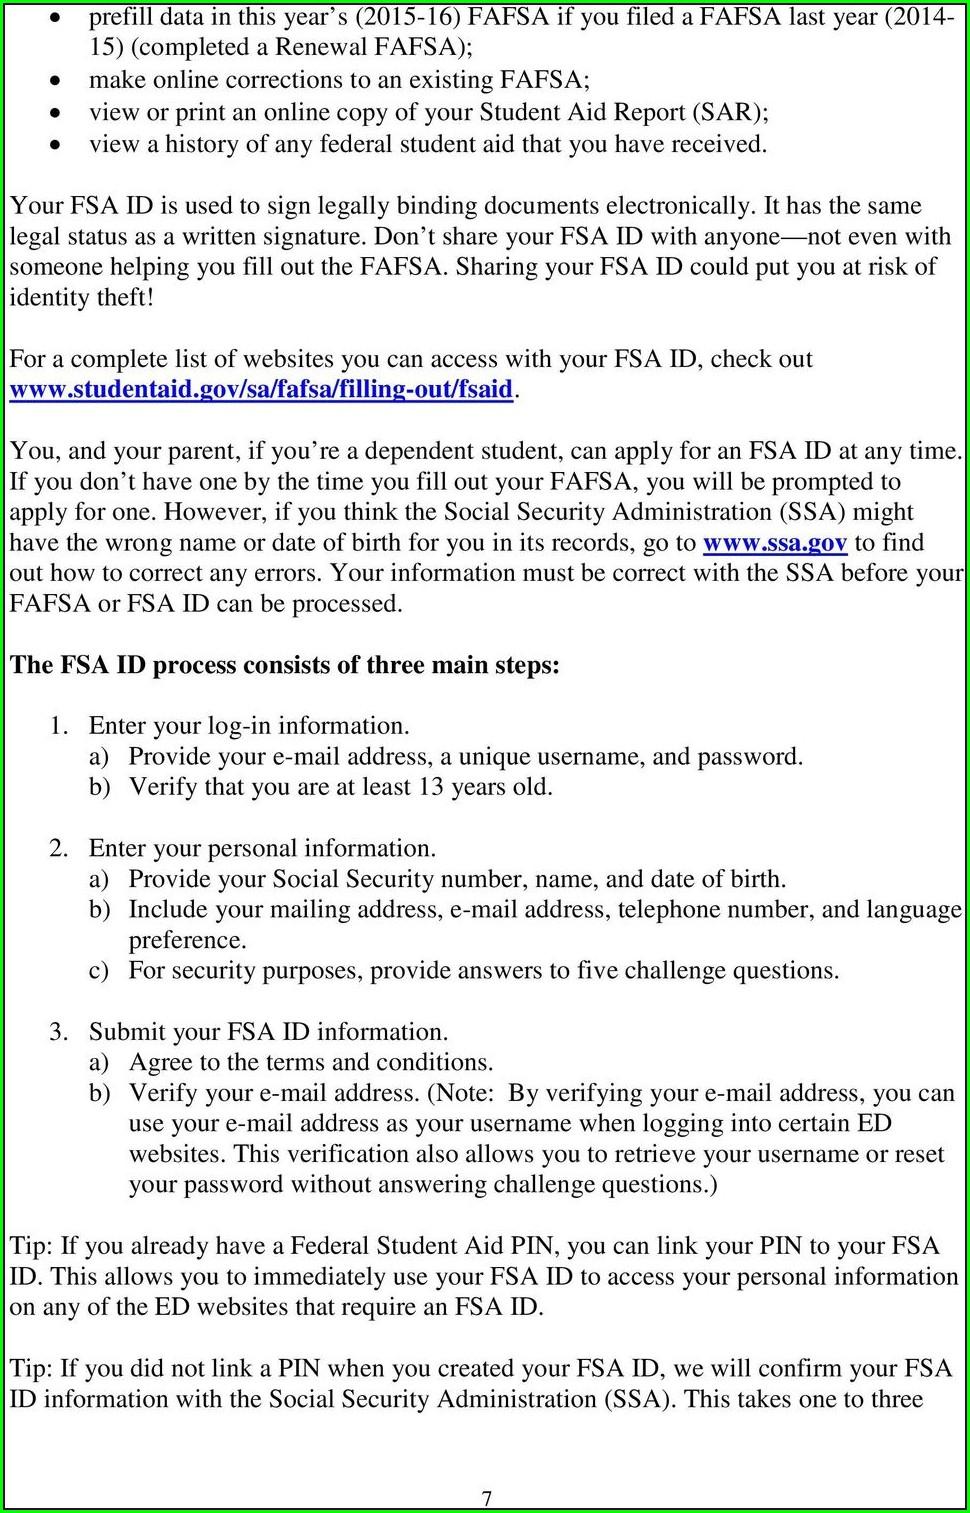 Printable Fafsa Worksheet 2015 16